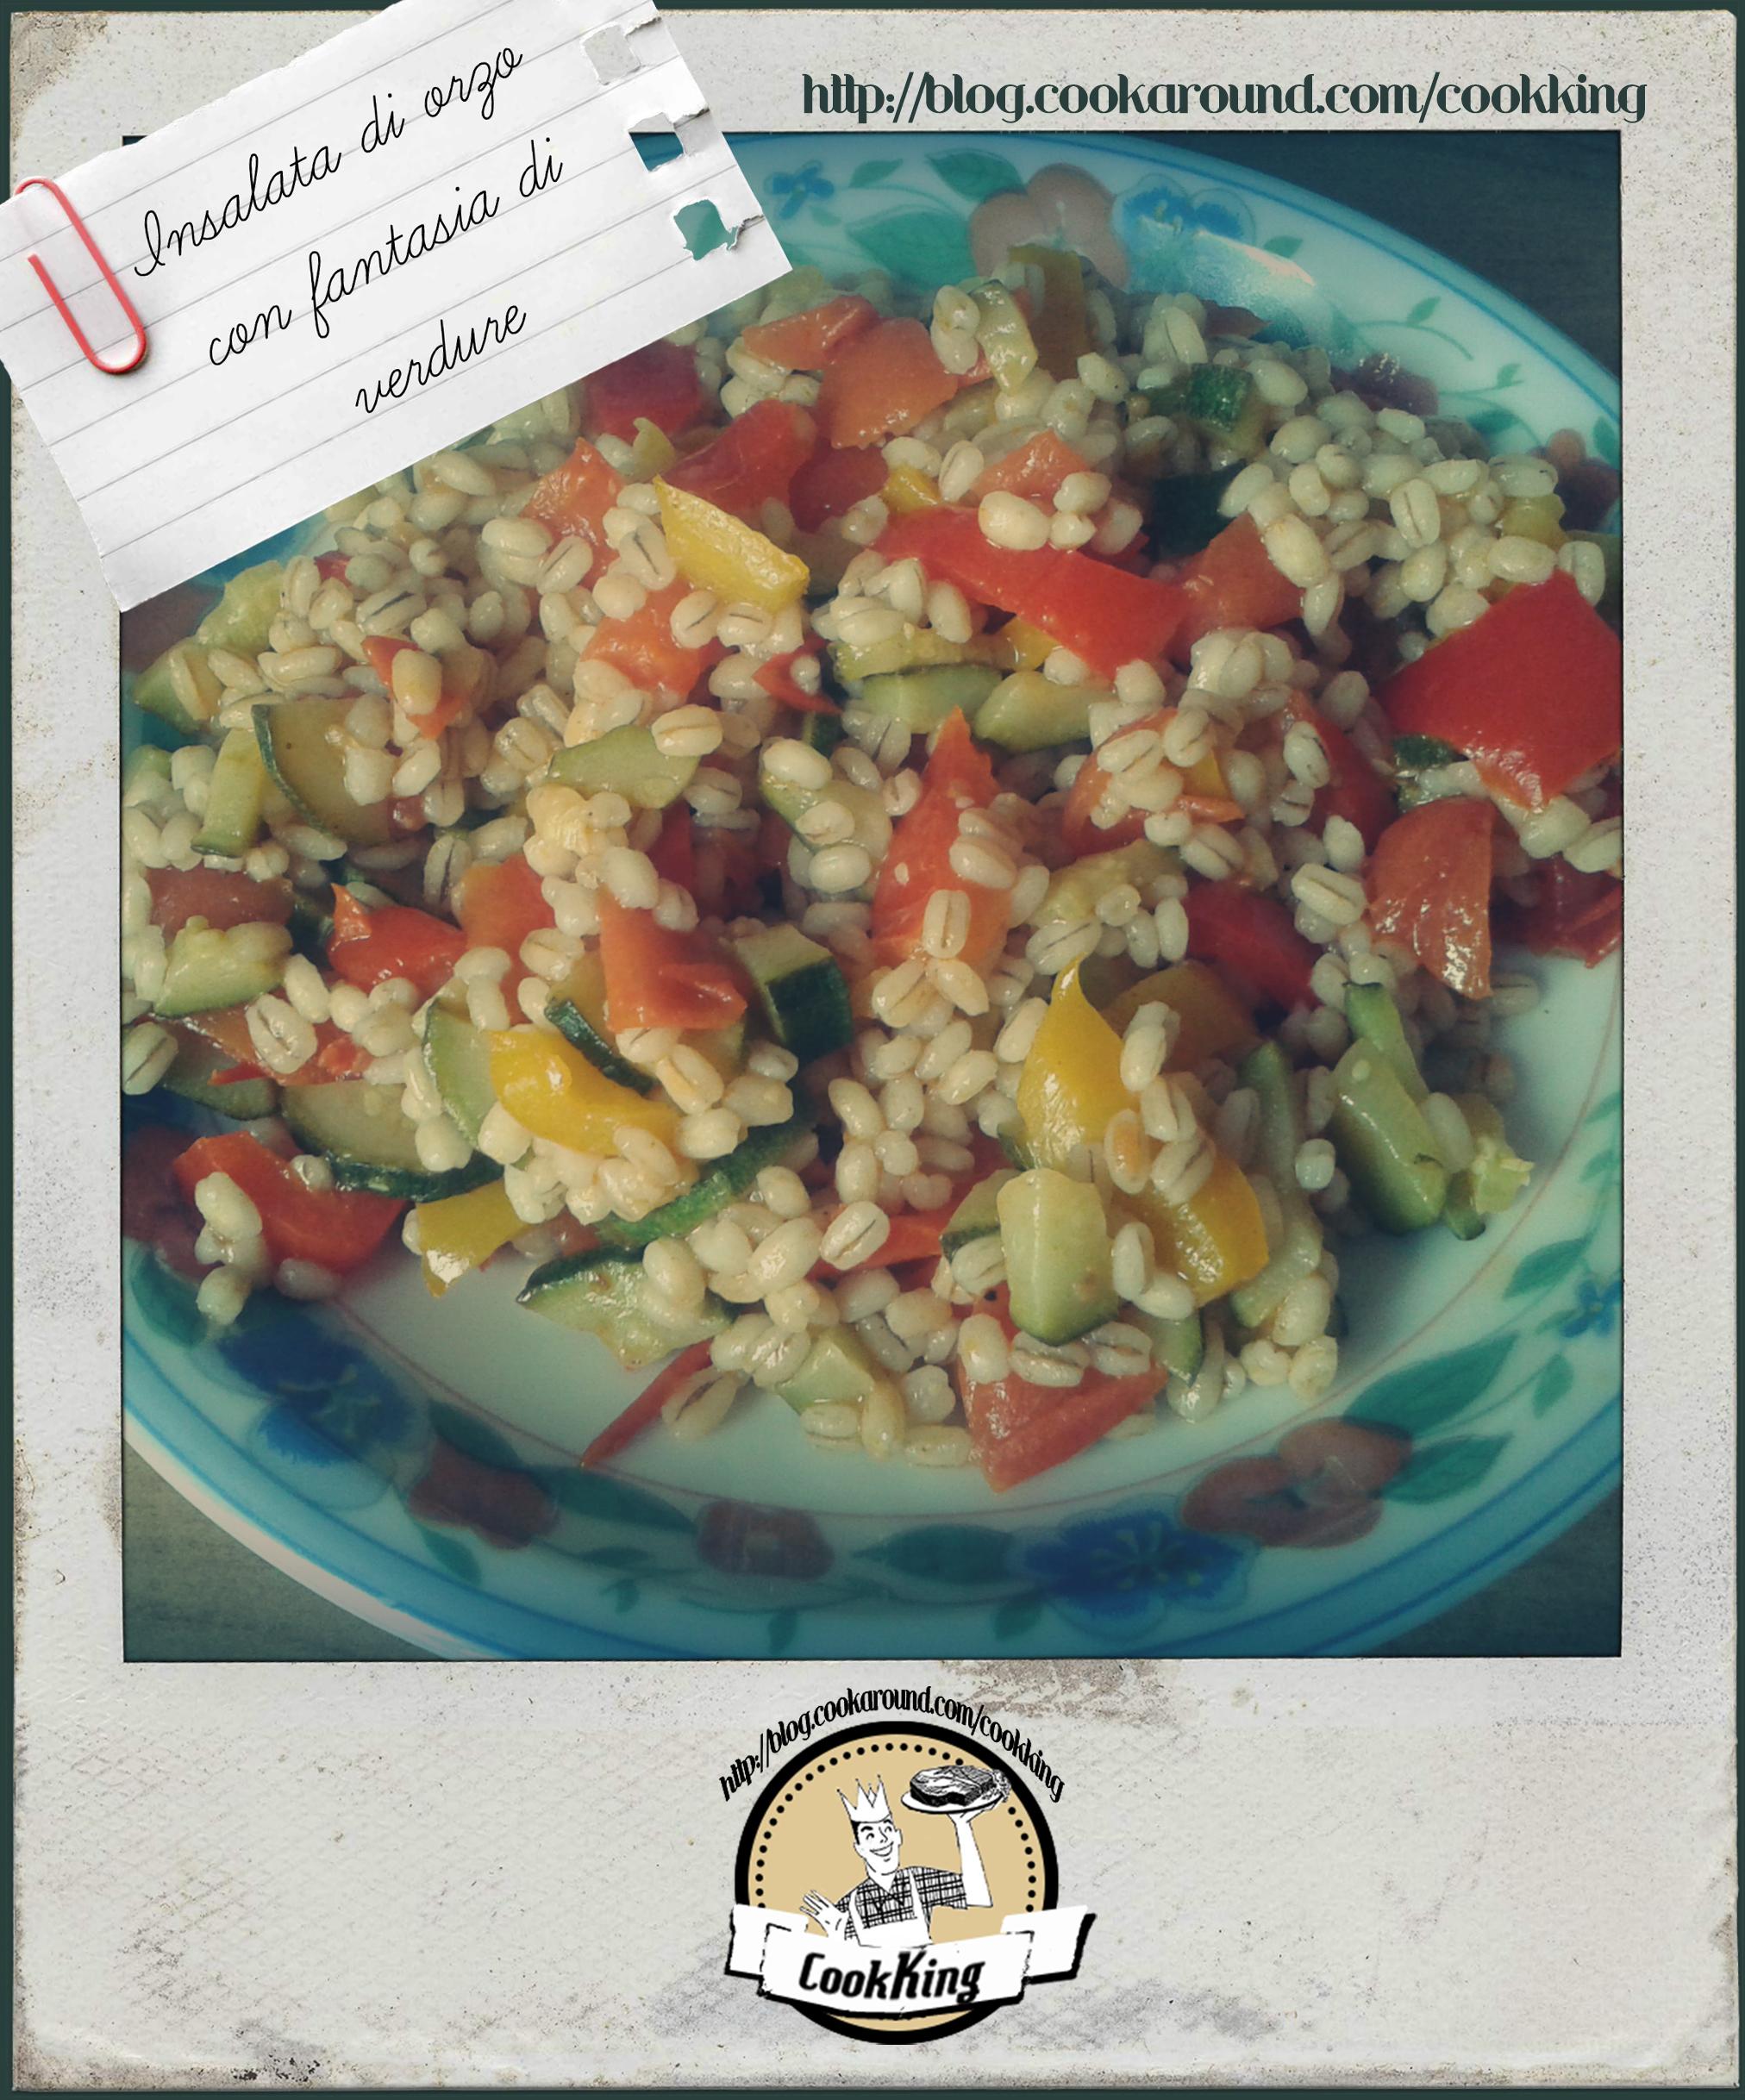 INSALATA DI ORZO CON FANTASIA DI VERDURE - CookKING